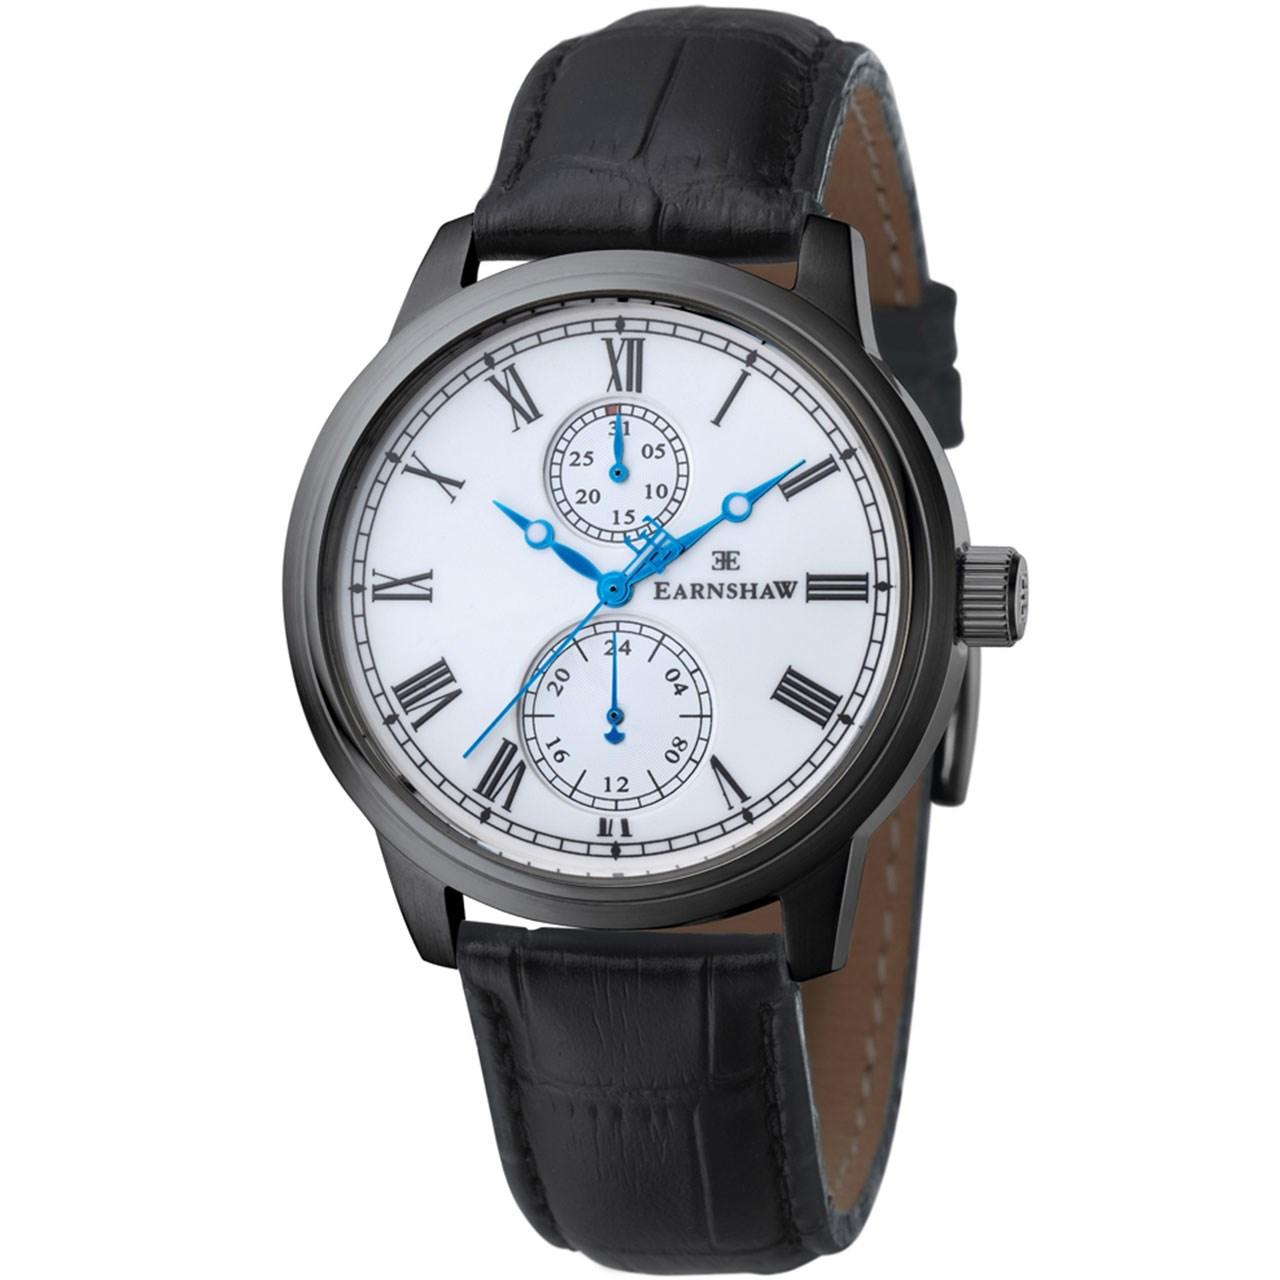 ساعت مچی عقربه ای مردانه ارنشا مدل ES-8002-03 19